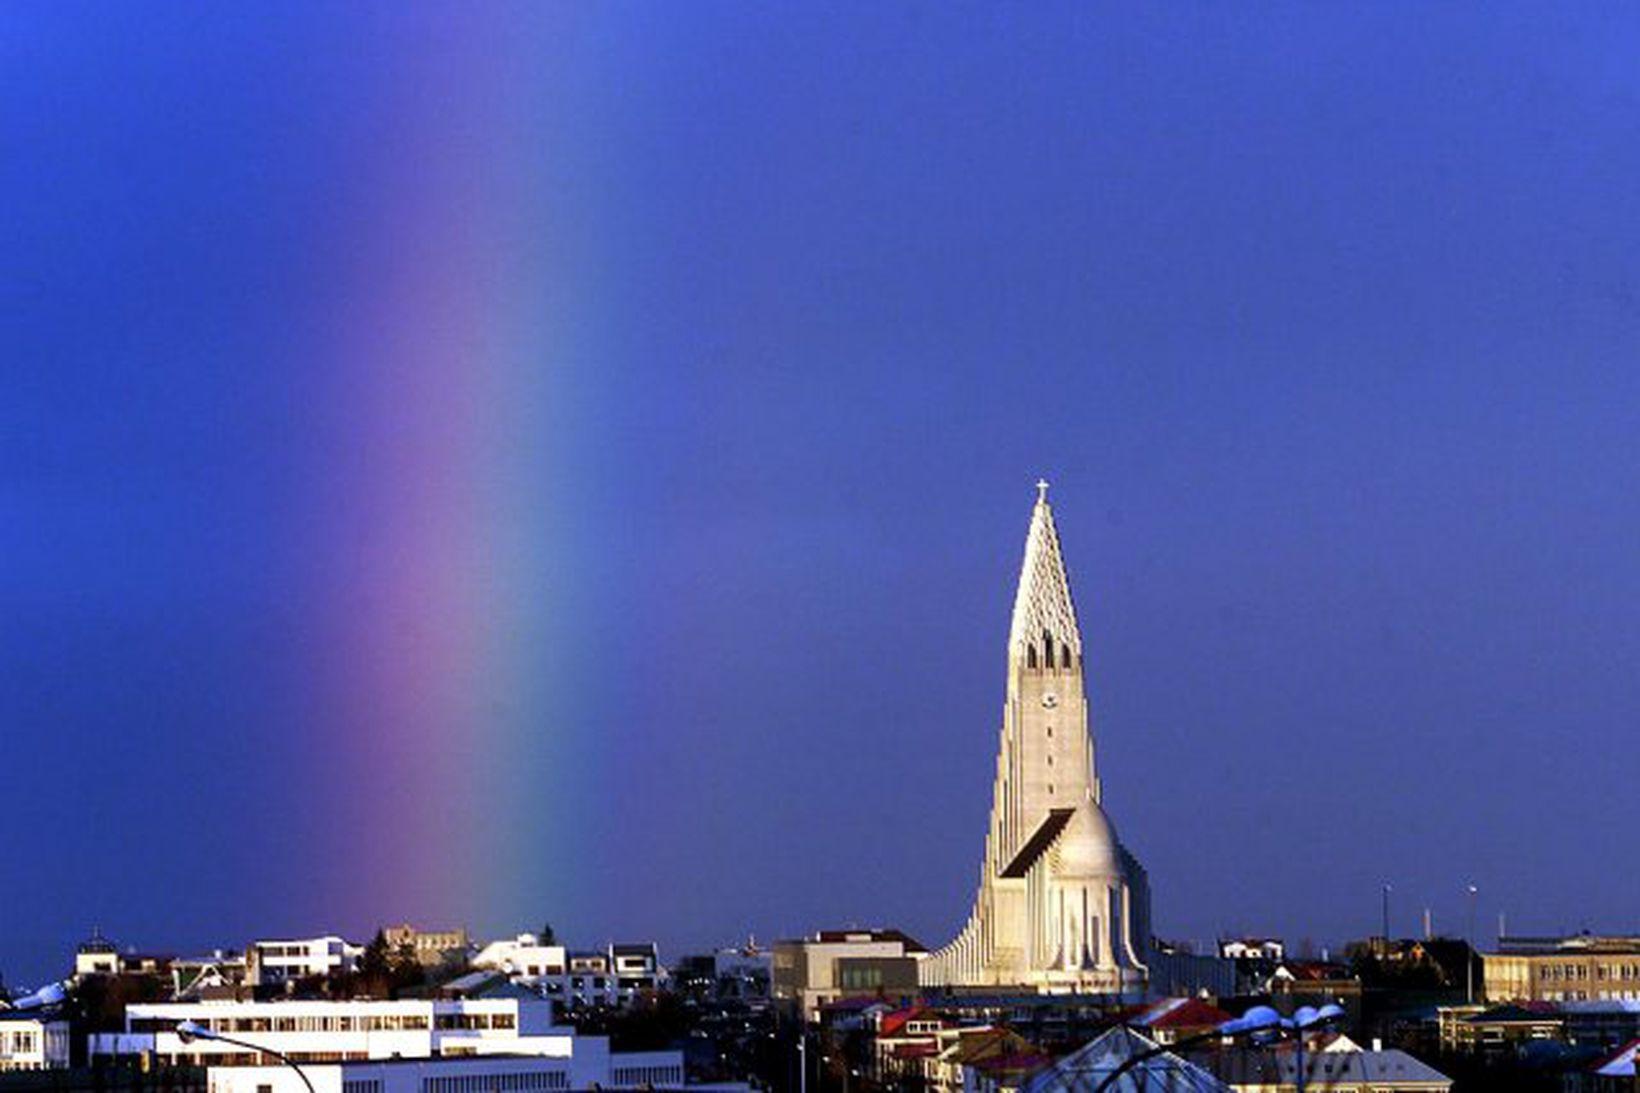 Regnbogi yfir Hallgrímskirkju í Reykjavík. Mynd úr safni.